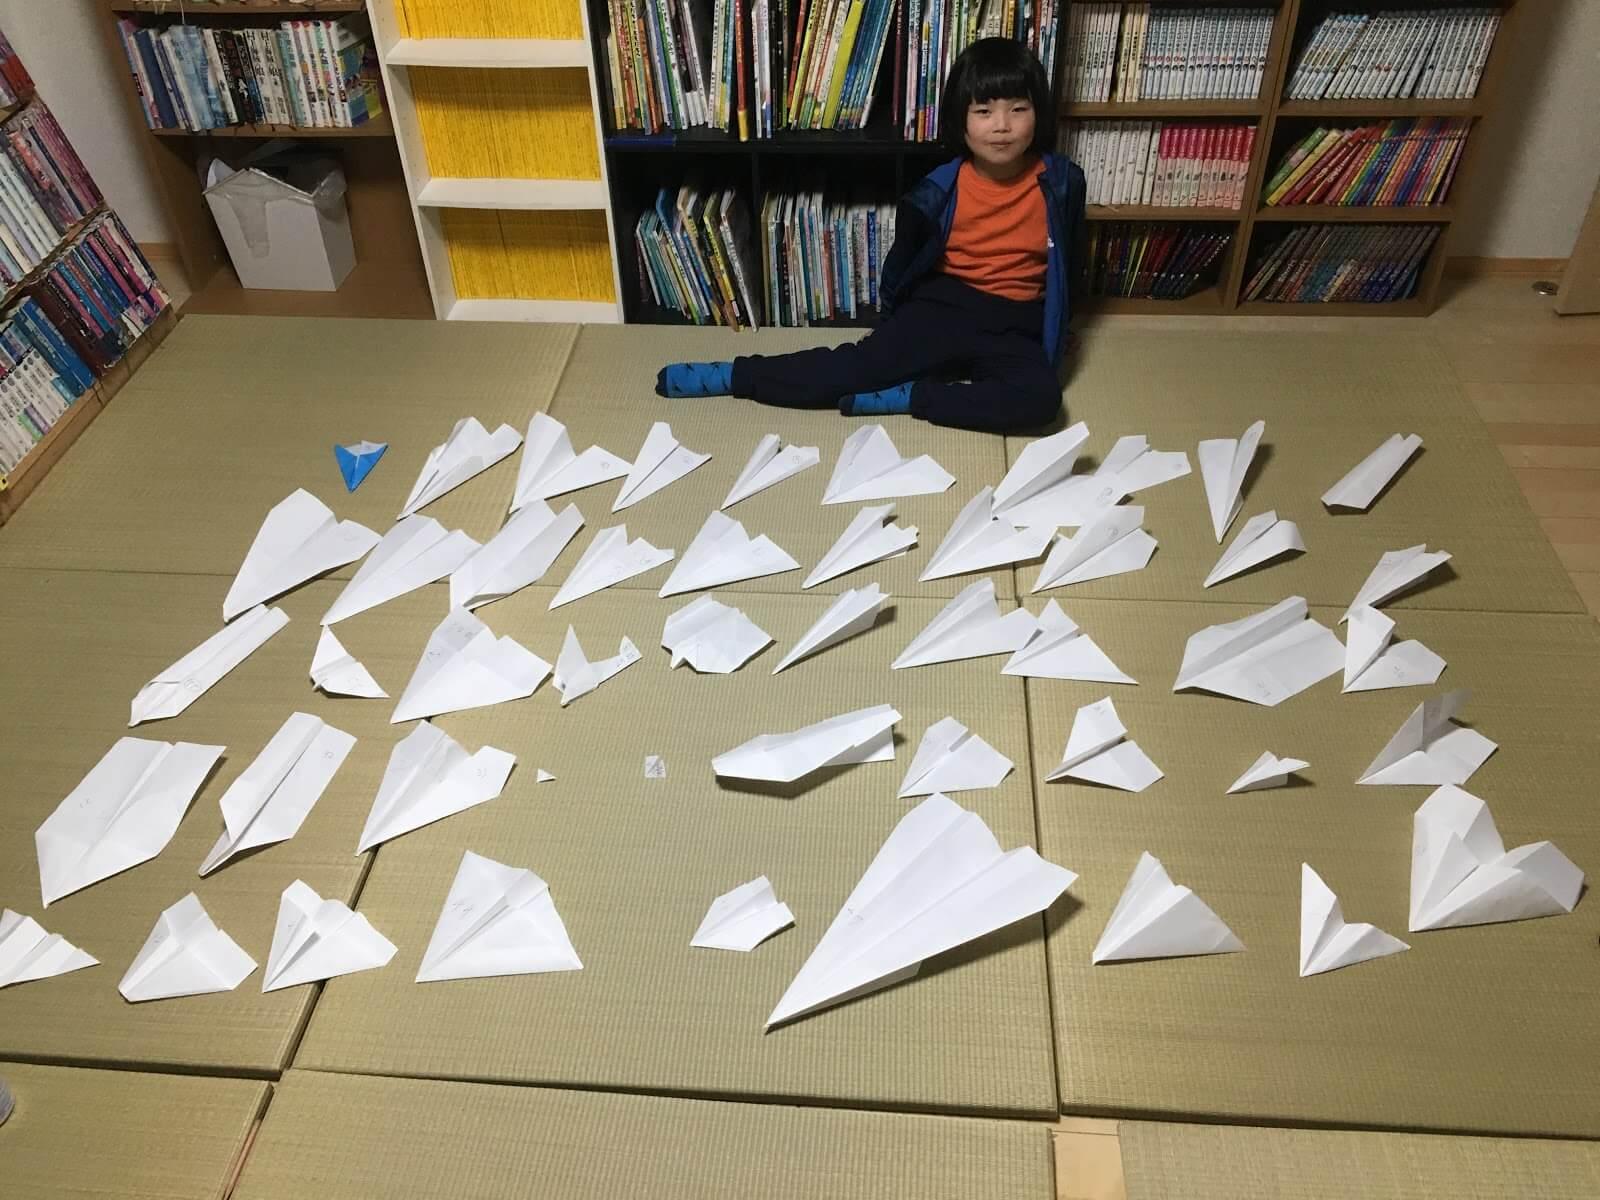 こらぼジャーナル(6)ことみの紙飛行機  〜あそびながらチャレンジし続けること〜